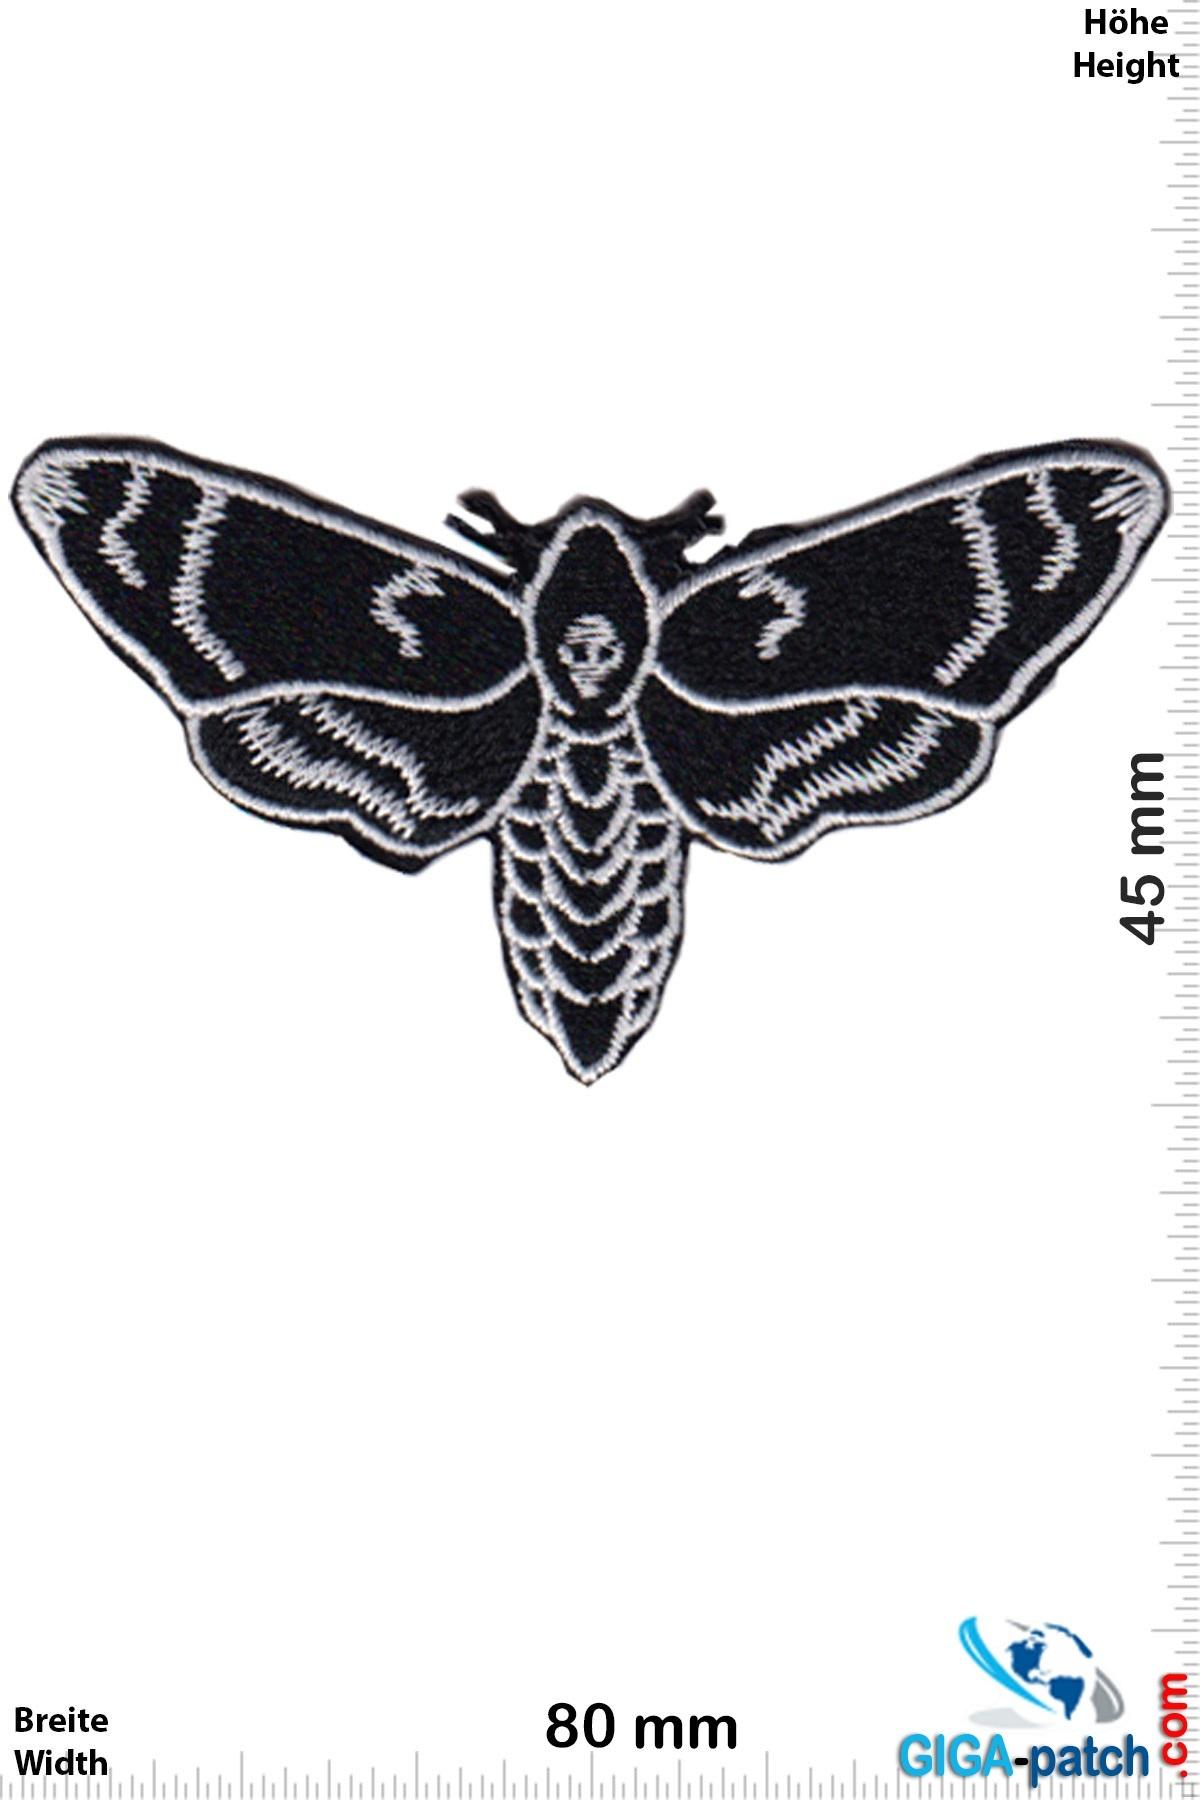 Totenkopf Skull Butterfly - Moth